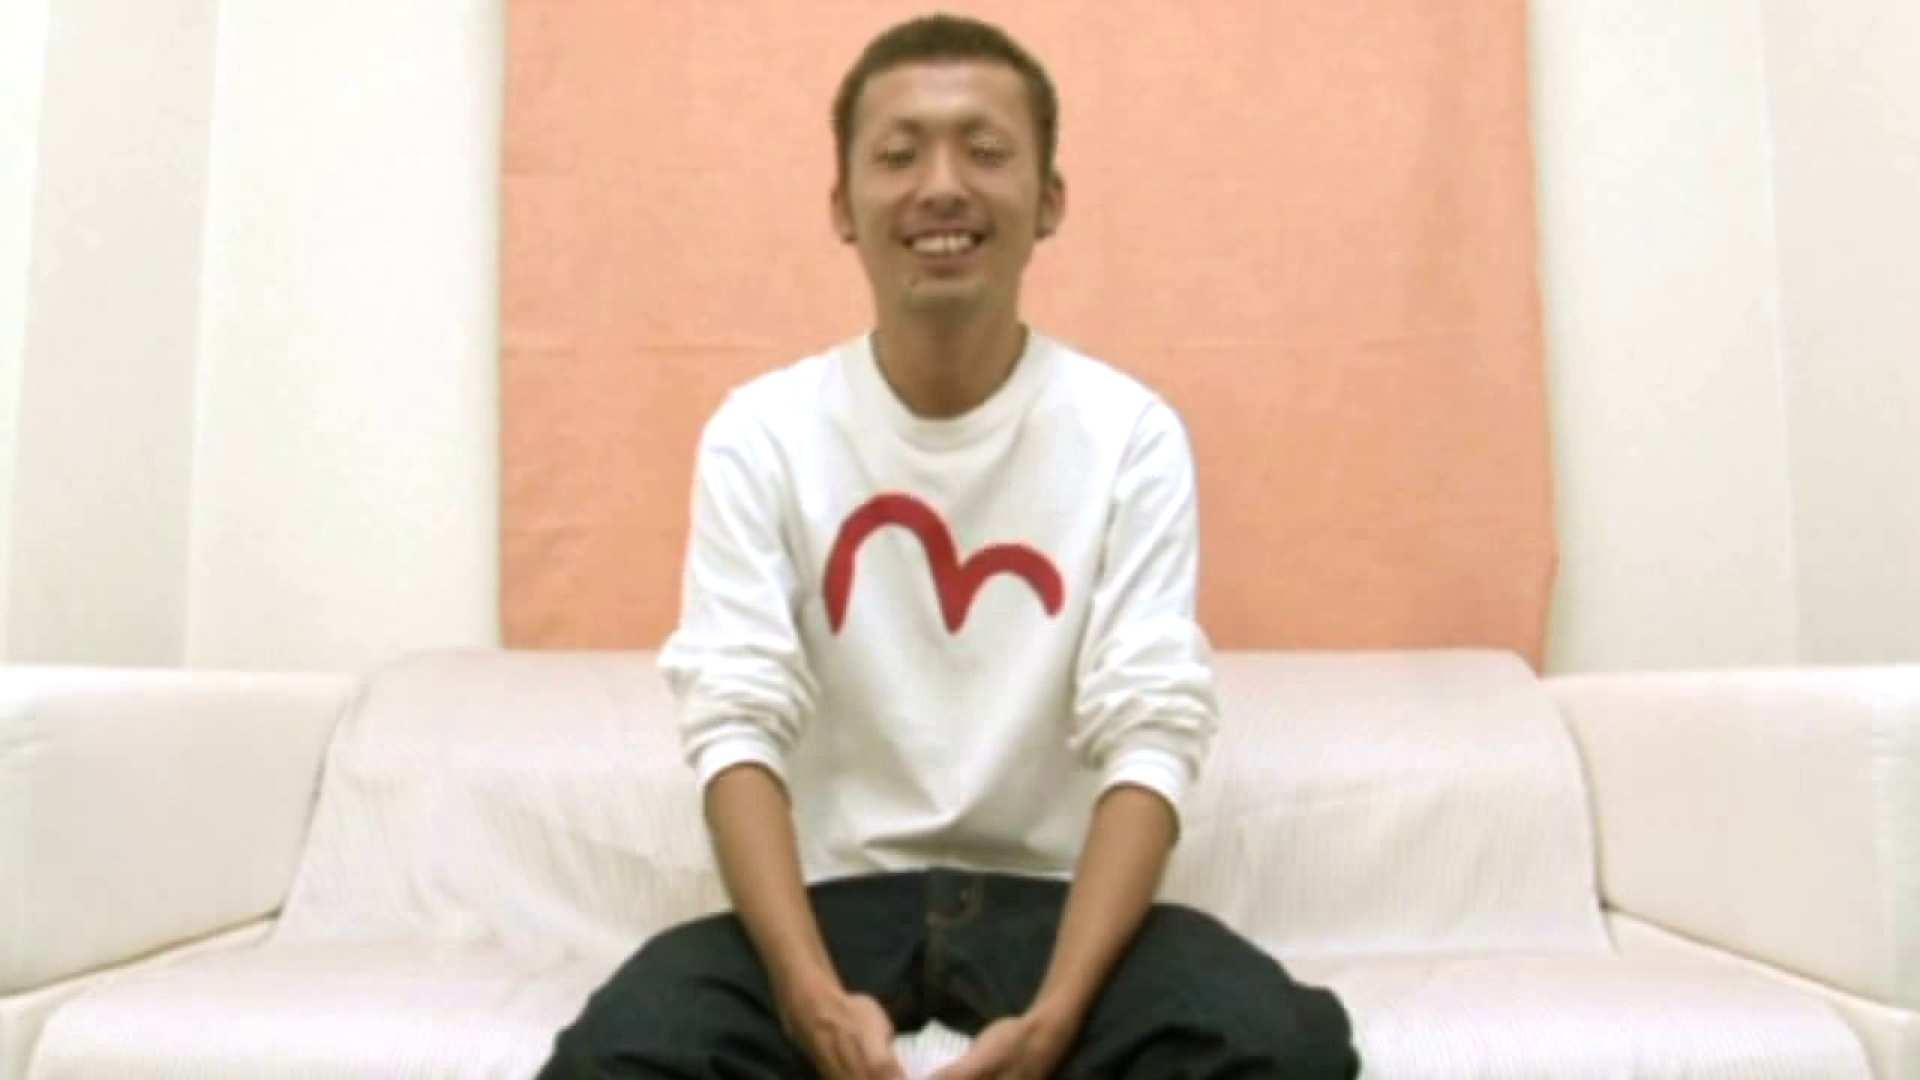 ノンケ!自慰スタジオ No.11 男の裸 ゲイザーメン画像 78pic 24